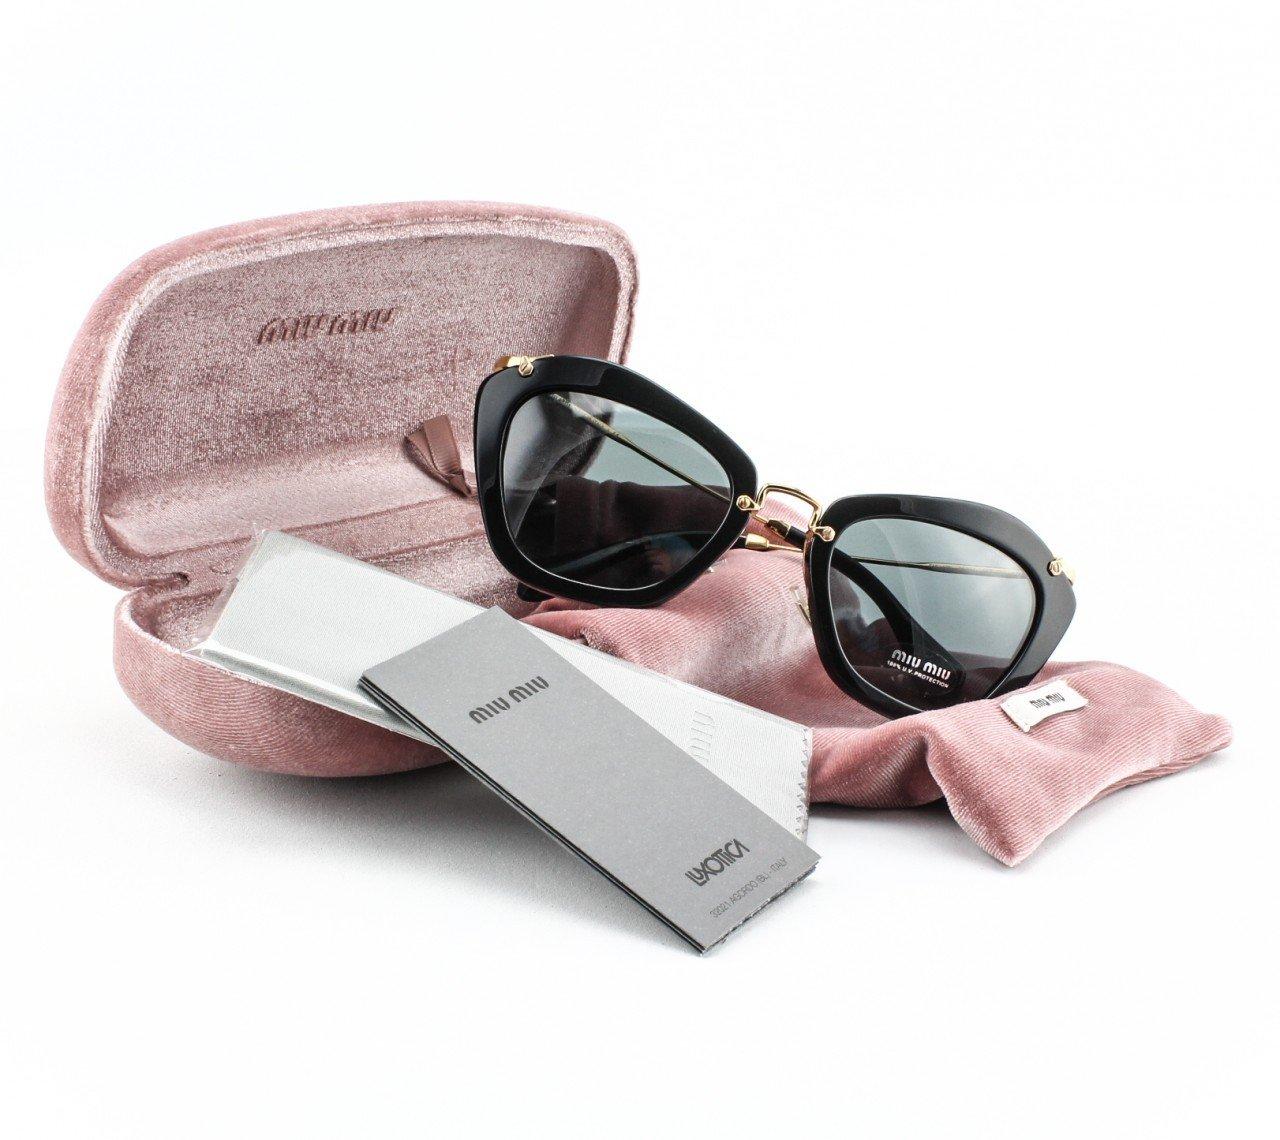 MIU MIU 10N 1AB-1A1 Women's Sunglasses Color Gold & Black with Grey Lenses NWT